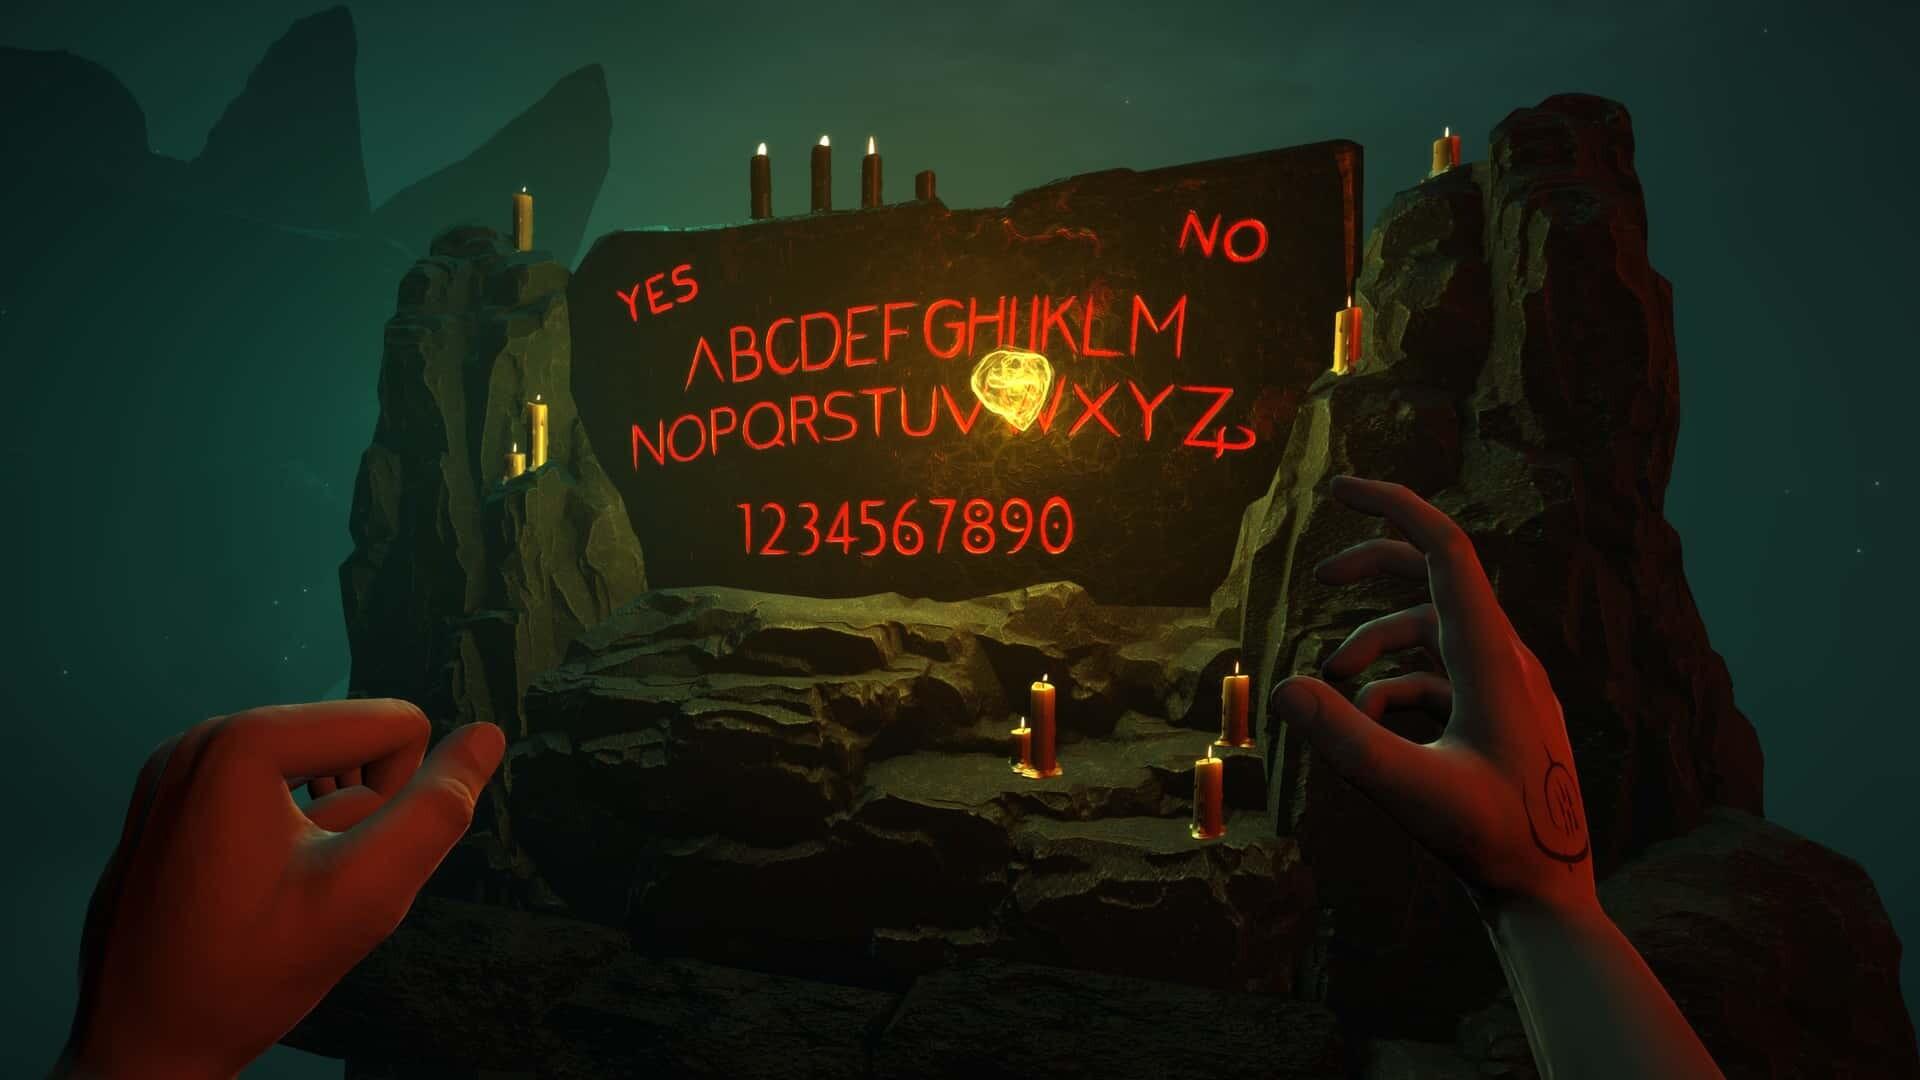 Exorcise Ouija